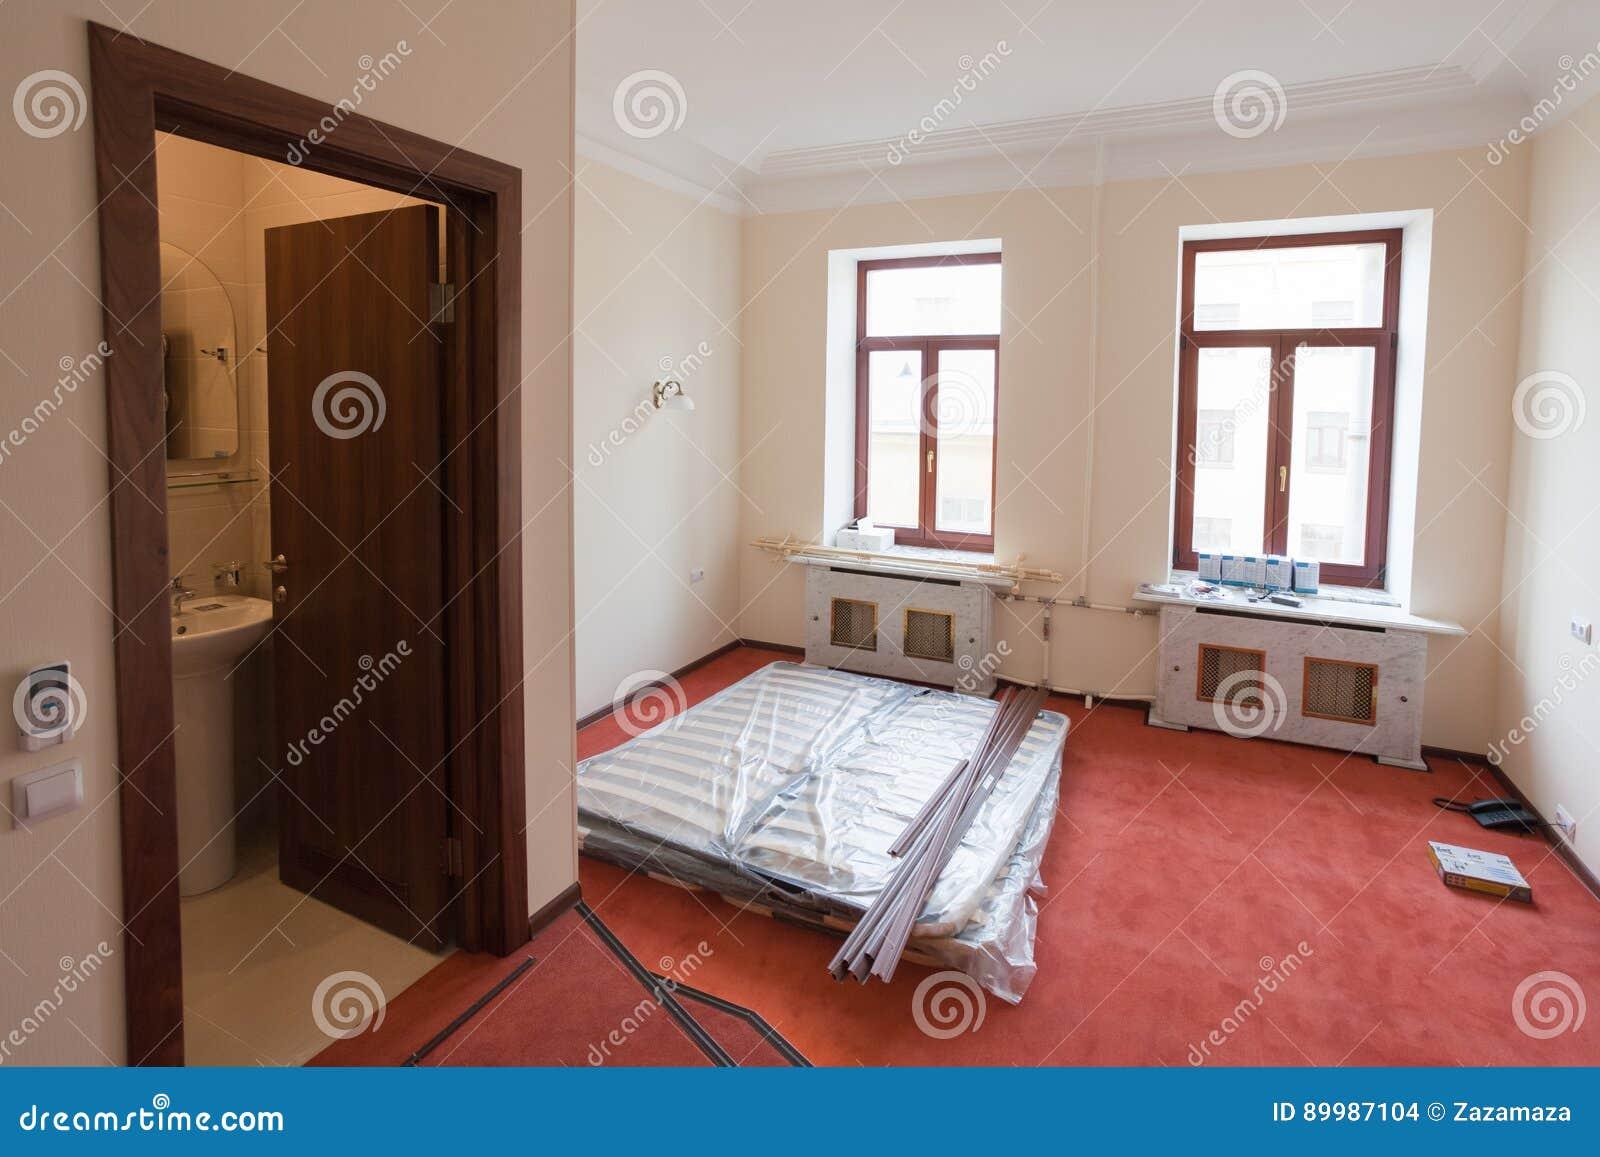 Baumaterialien Mobel Und Telefon Sind Auf Dem Boden Der Wohnung Im